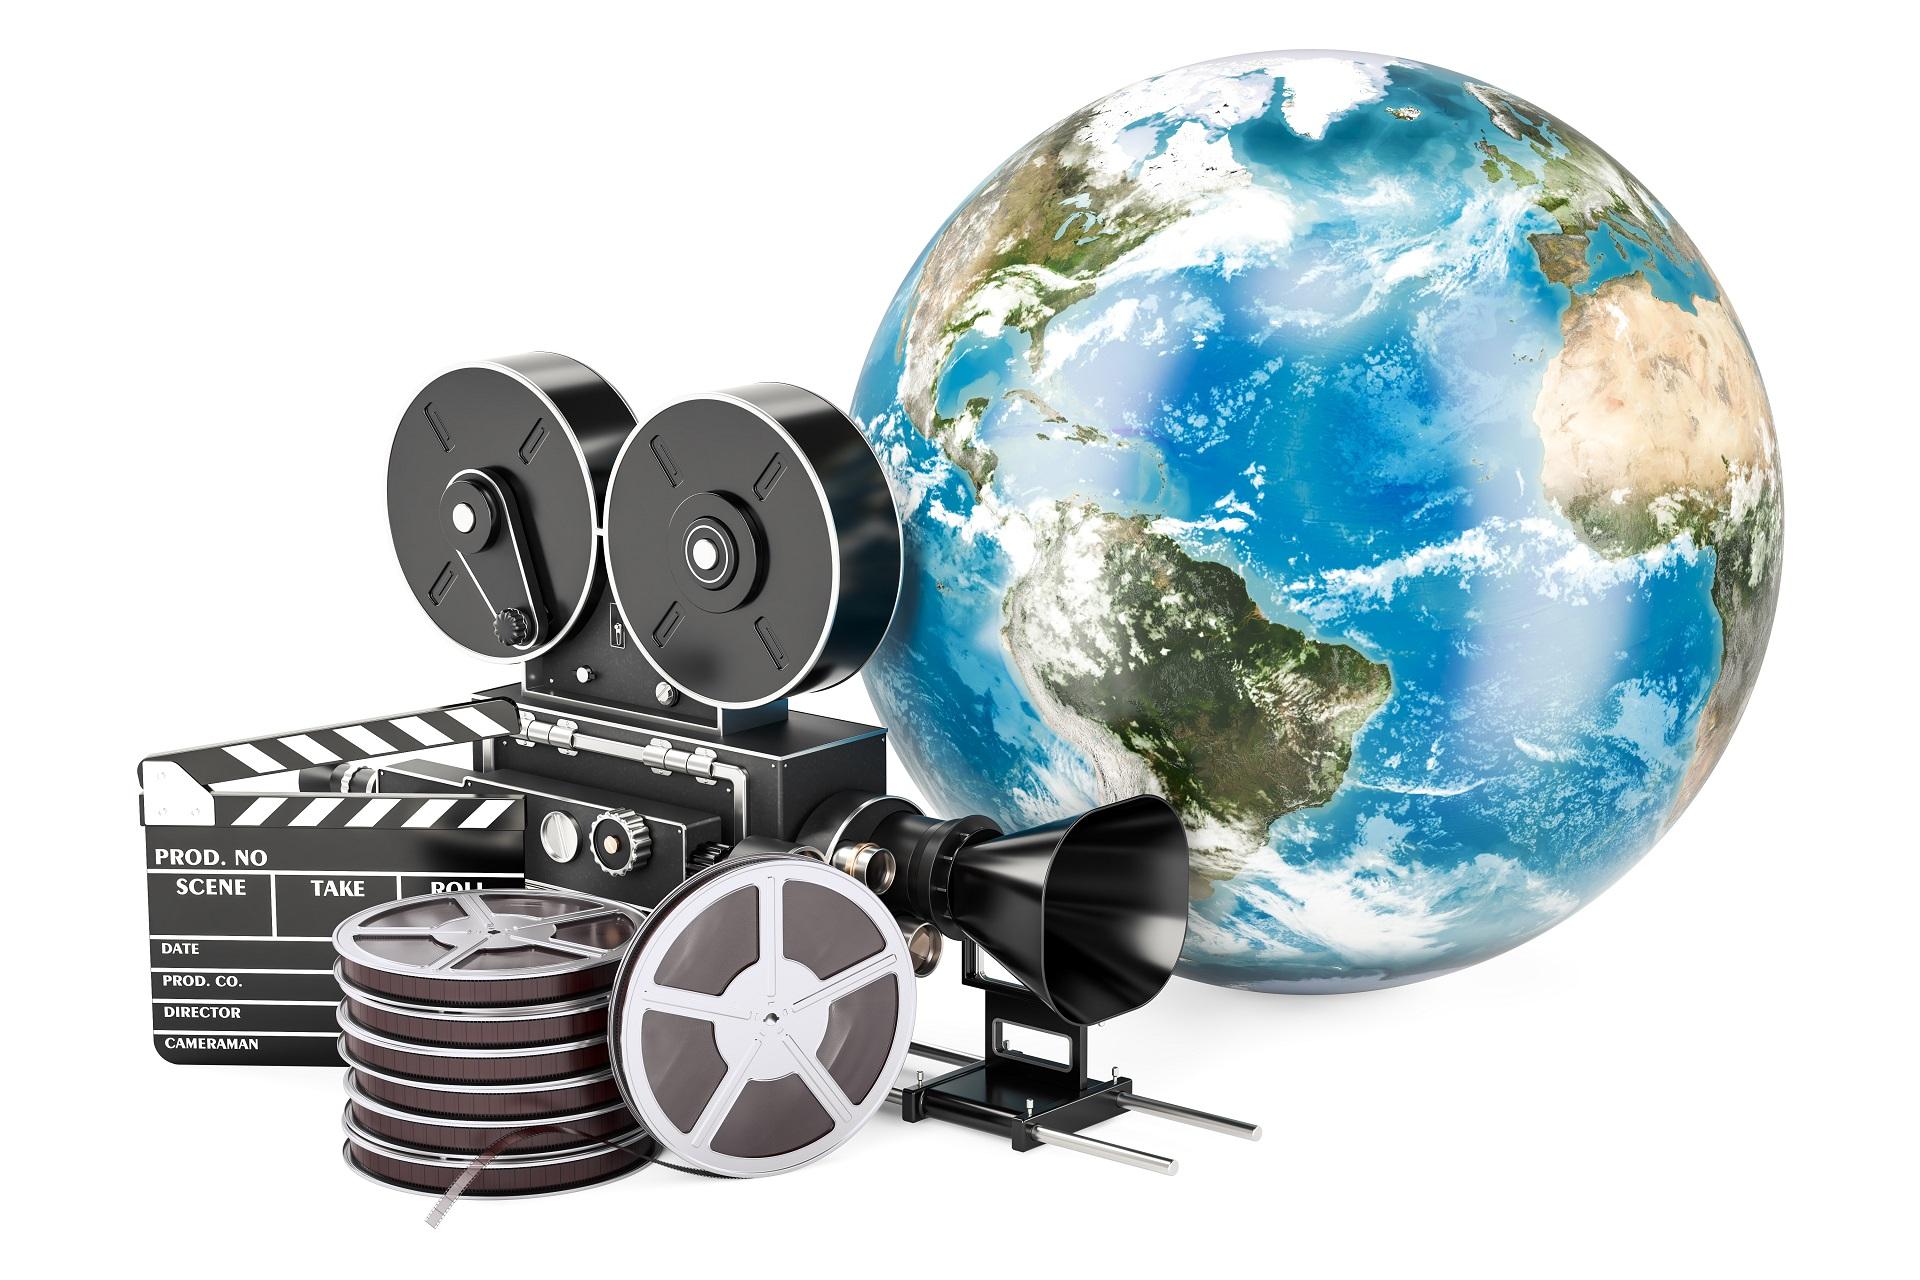 The World of Film International Festival